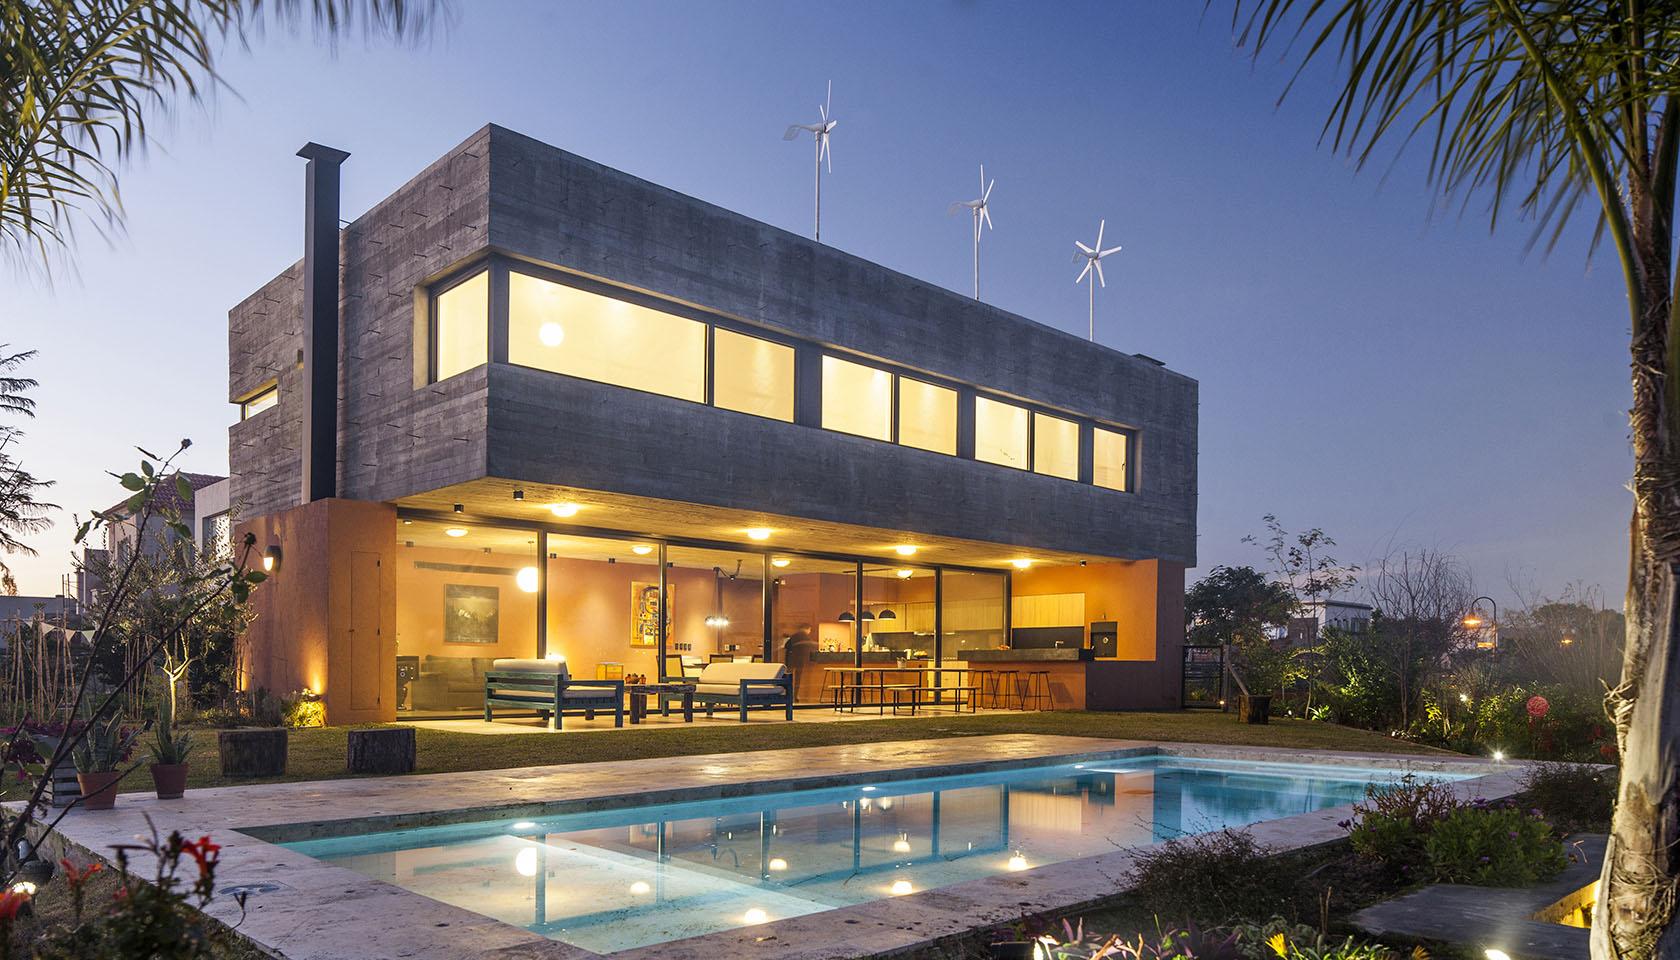 diseño de iluminación en viviendas, chimeneas modernas, diseño de piletas en casas contemporáneas